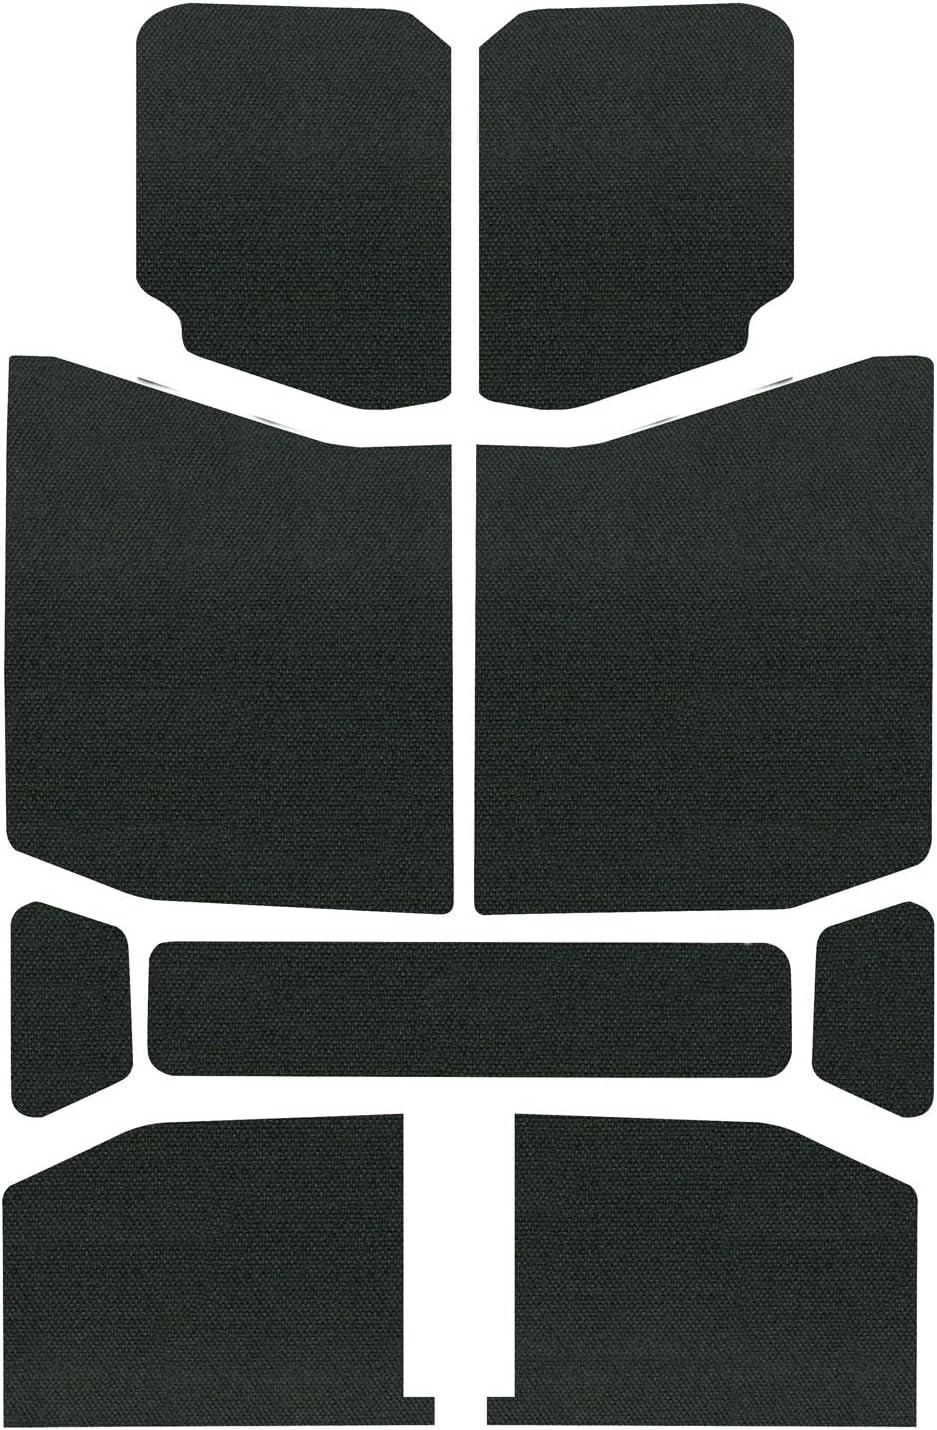 BedRug Carpet Headliner BDRG160 4p 1//2in Headliner Area